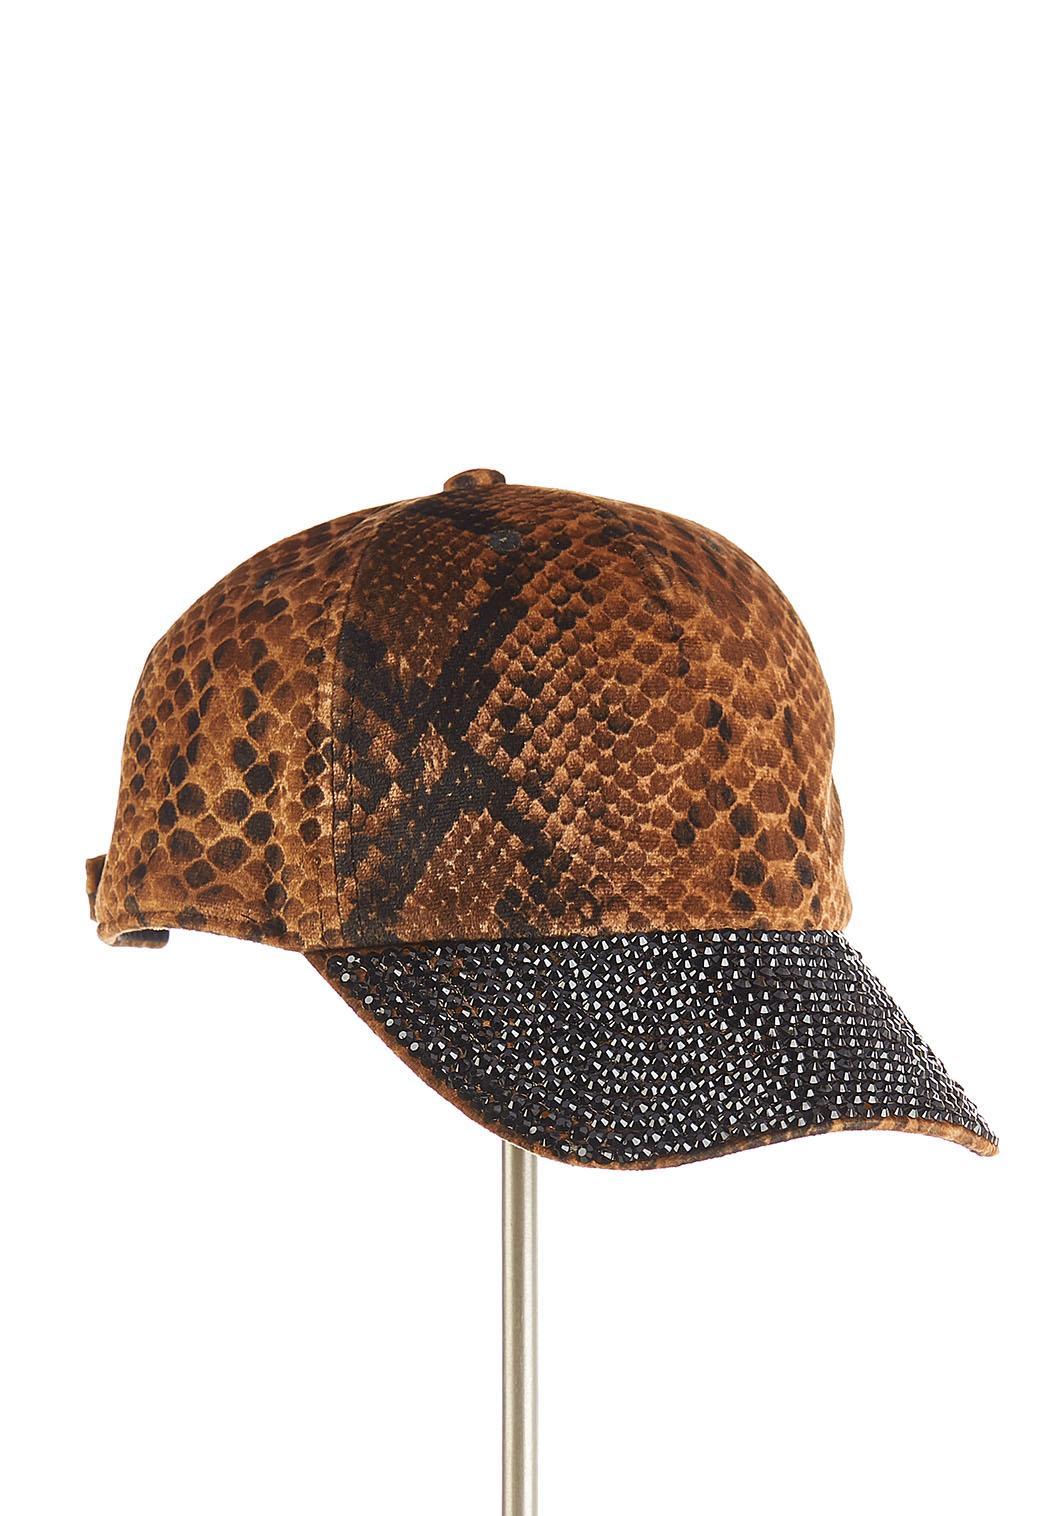 Snakeskin Rhinestone Hat